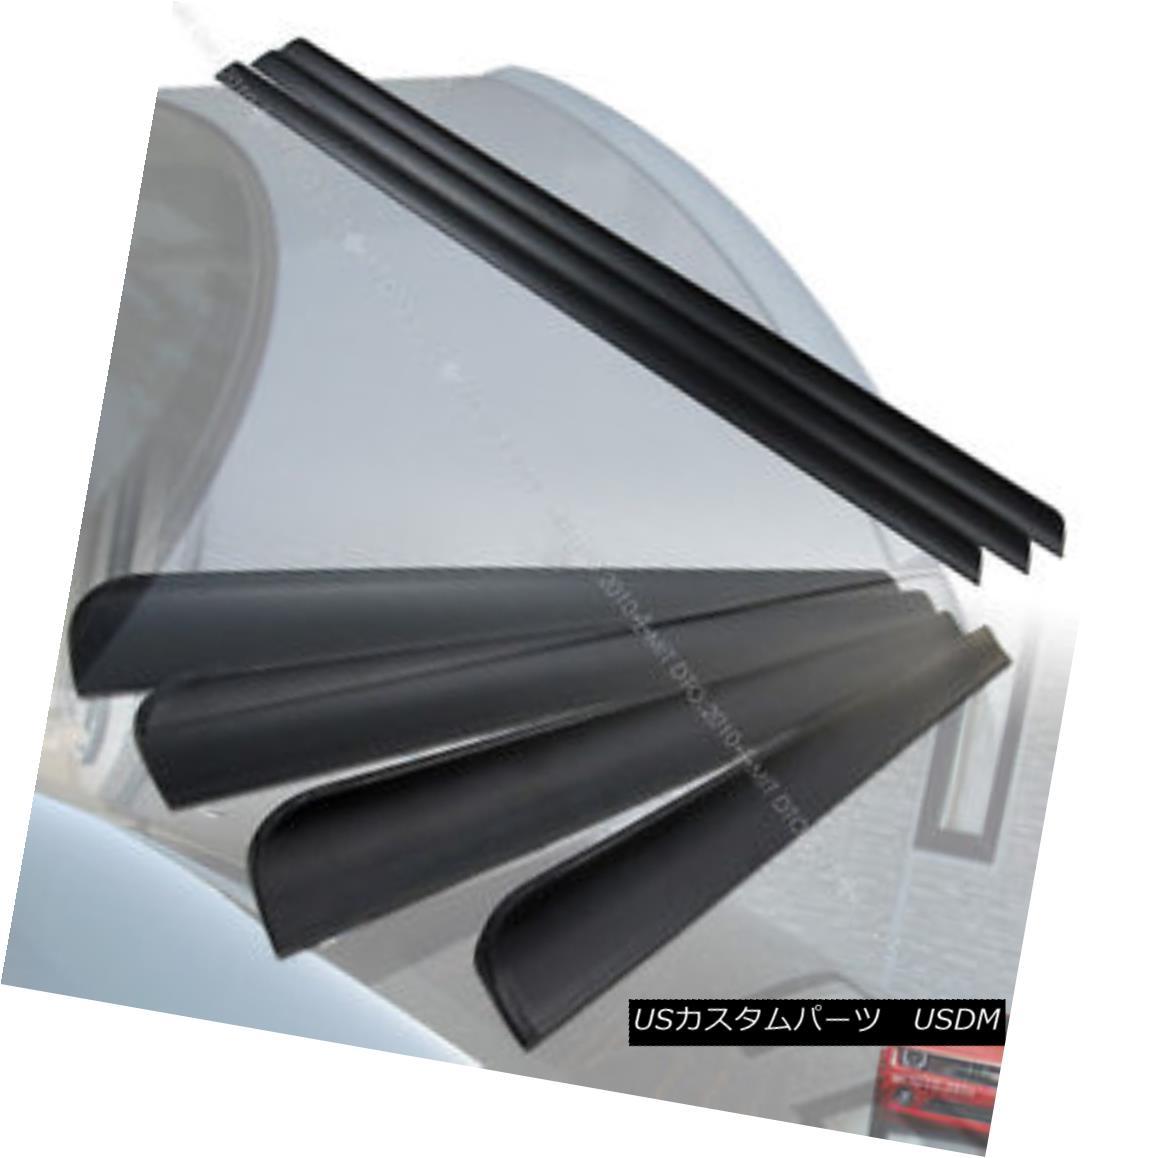 エアロパーツ Unpainted FOR LEXUS ES350 ES240 XV40 Sedan Rear Roof Spoiler +Trunk Lip Spoiler§ 未塗装のレクサスES350 ES240 XV40セダンリアルーフスポイラー+トランクリップスポイラー